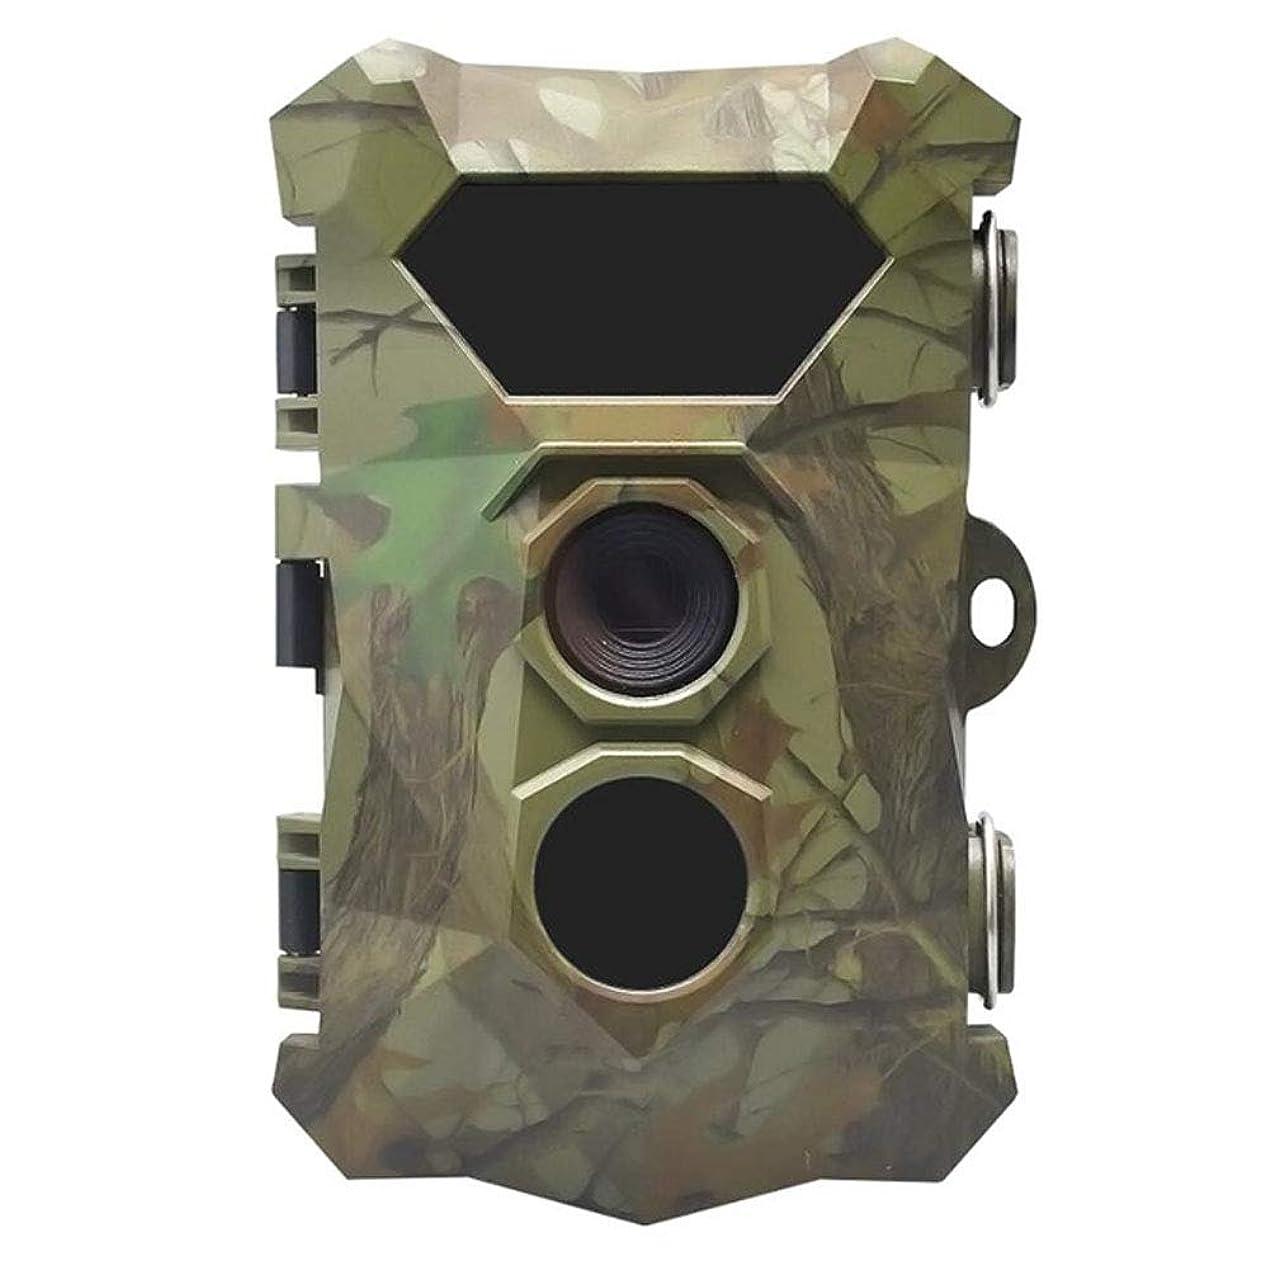 配送先のことを考える補体トレイルカメラ、検出動作付き16MP 1080 P狩猟ゲームカメラ0.2秒トリガースピードで防水野生生物狩猟カム